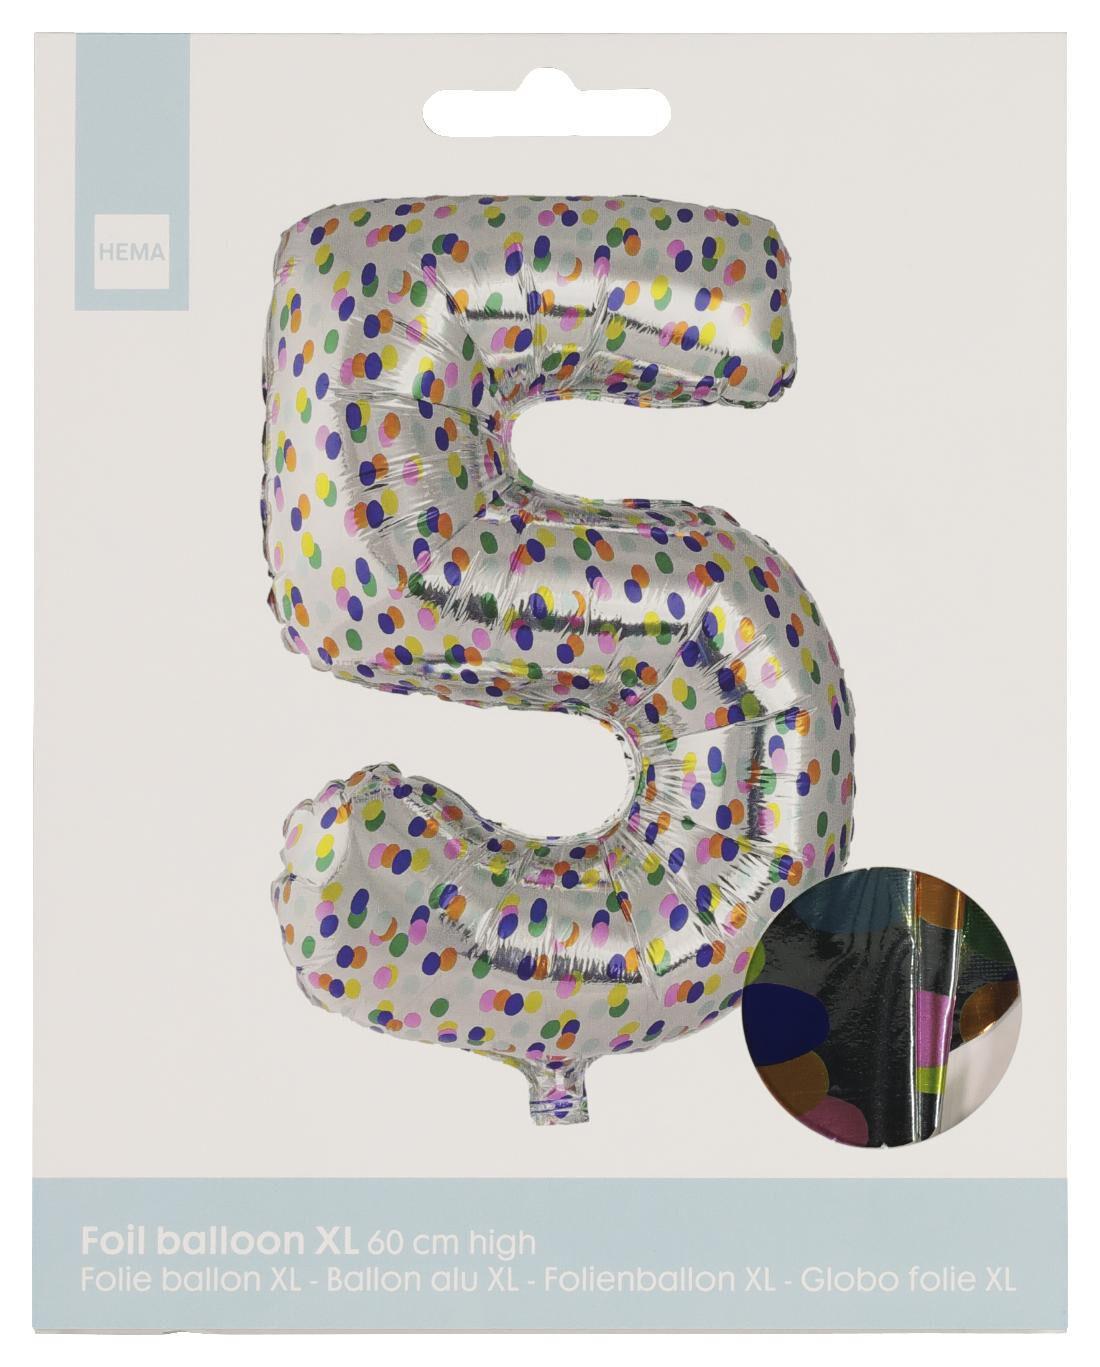 HEMA Folieballon XL Cijfer 5 - Confetti (multi)